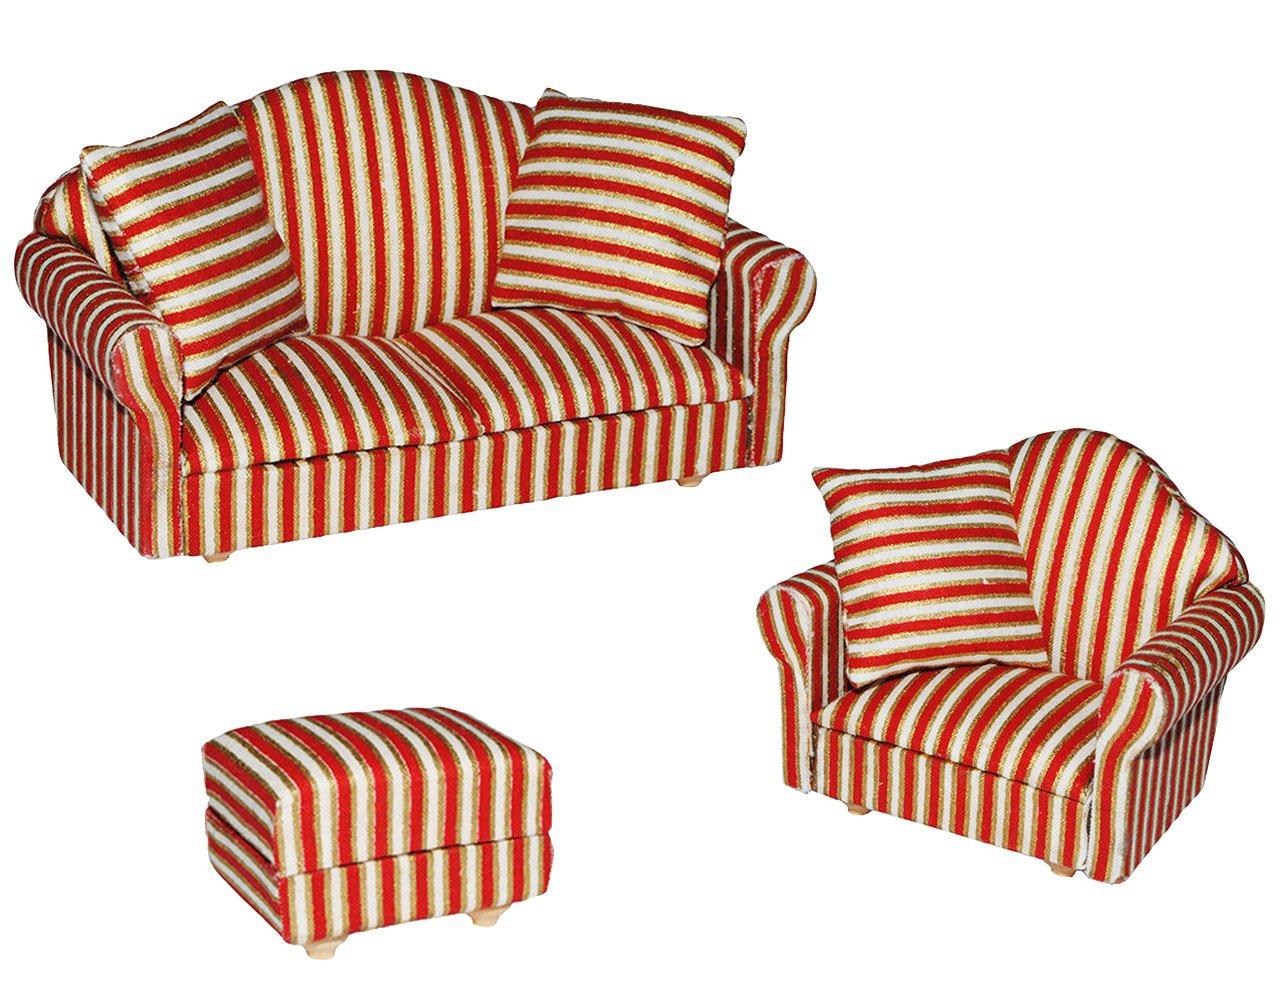 3 tlg. Set: Miniatur Wohnlandschaft / Sofa Couch + Sessel + Hocker mit Kissen – für Puppenstube Maßstab 1:12 – rot weiß golden – gestreift – Puppenhaus Puppenhausmöbel Sessel Wohnzimmer Klein – für Wohnzimmerlandschaft – Puppensofa – Möbel – Miniatur Diorama kaufen